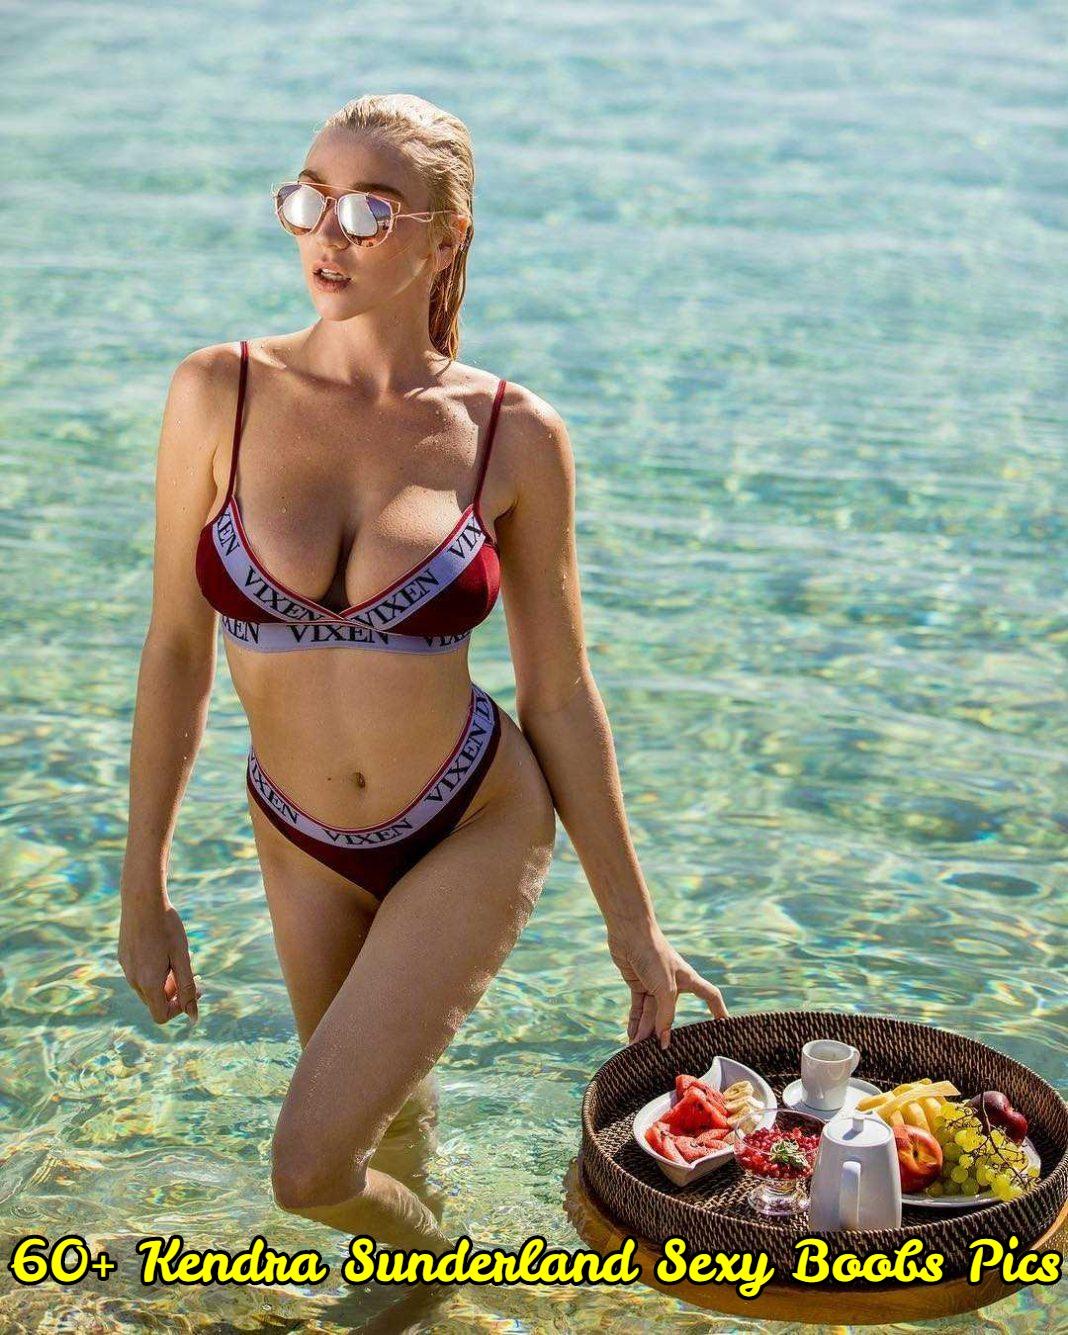 Kendra Sunderland sexy boobs pics